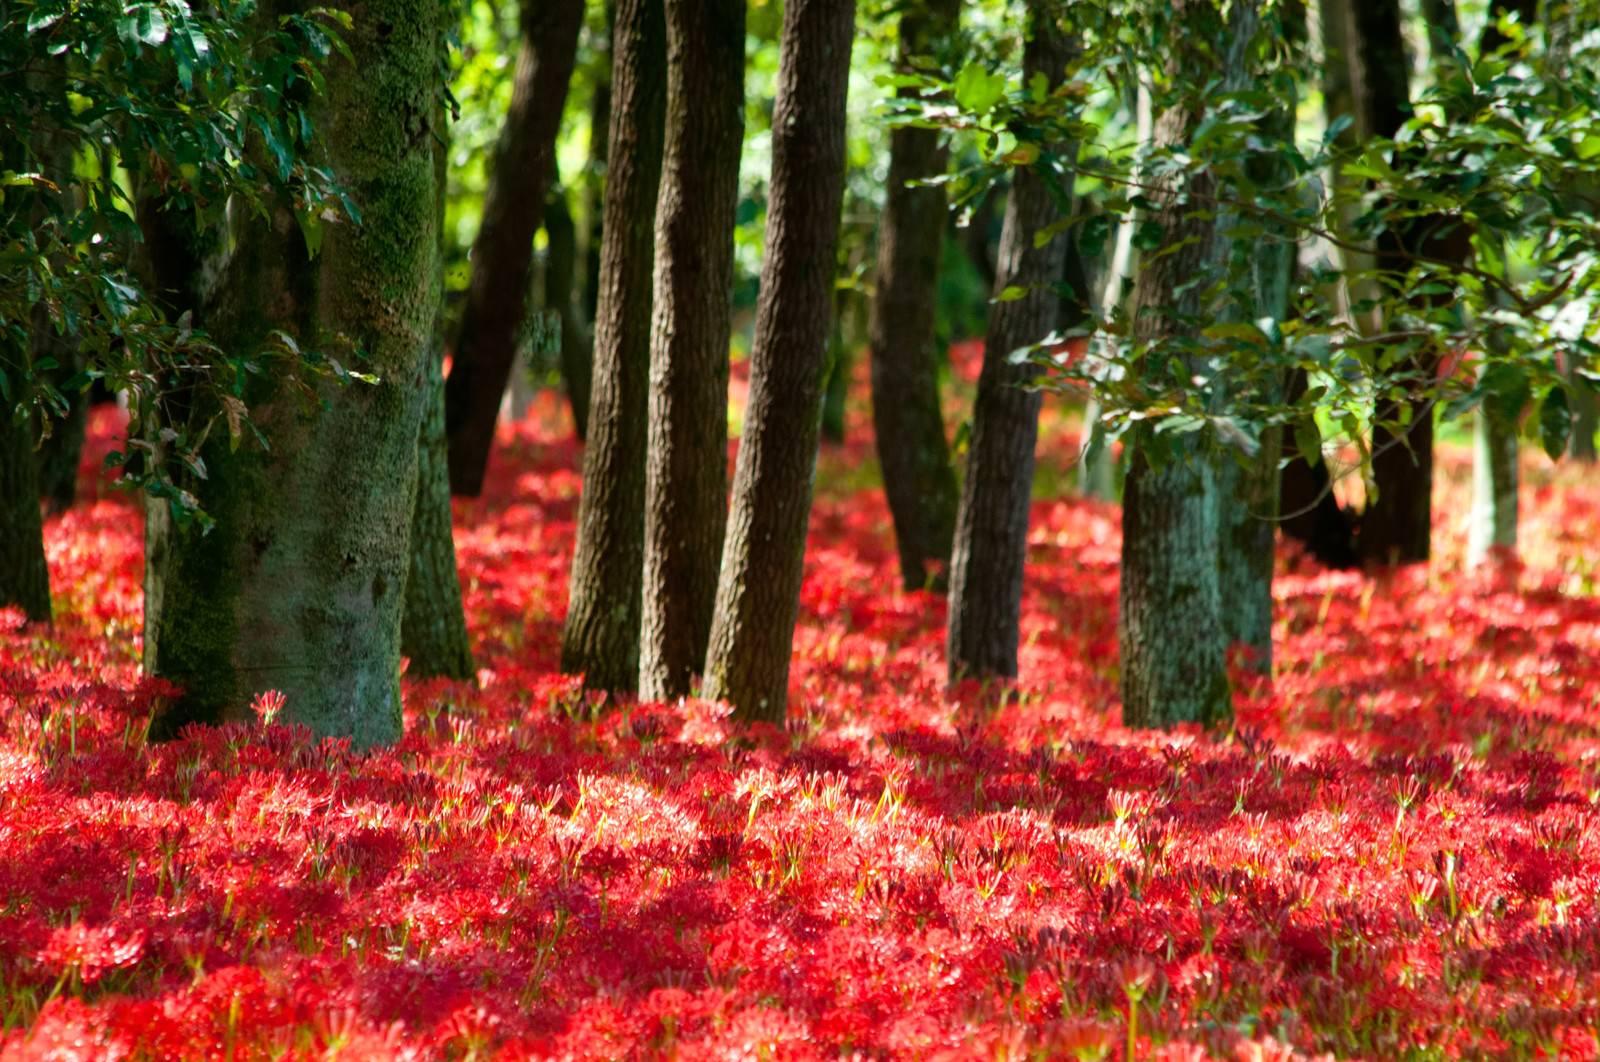 「彼岸花に埋もれる木々」の写真